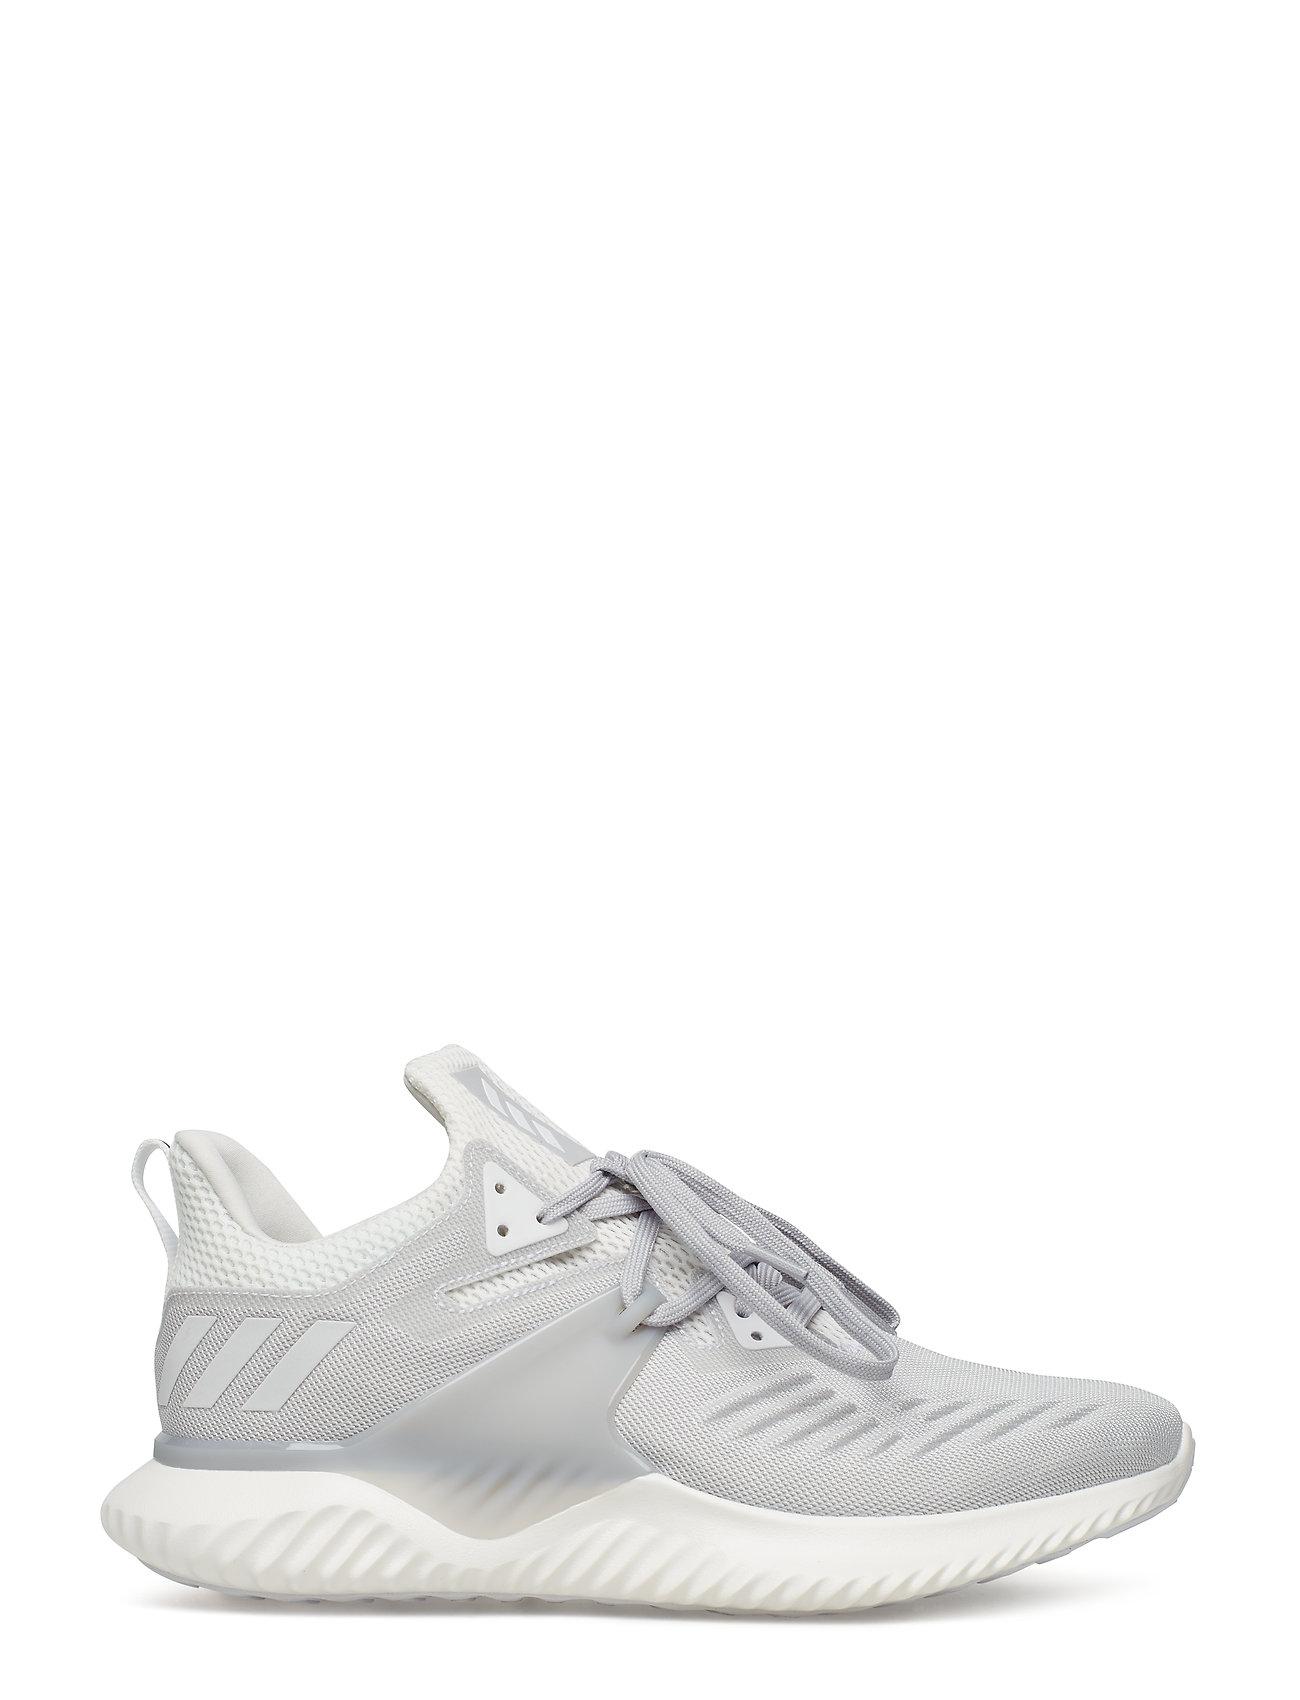 Køb adidas Alphabounce Beyond Hvid bedste pris online